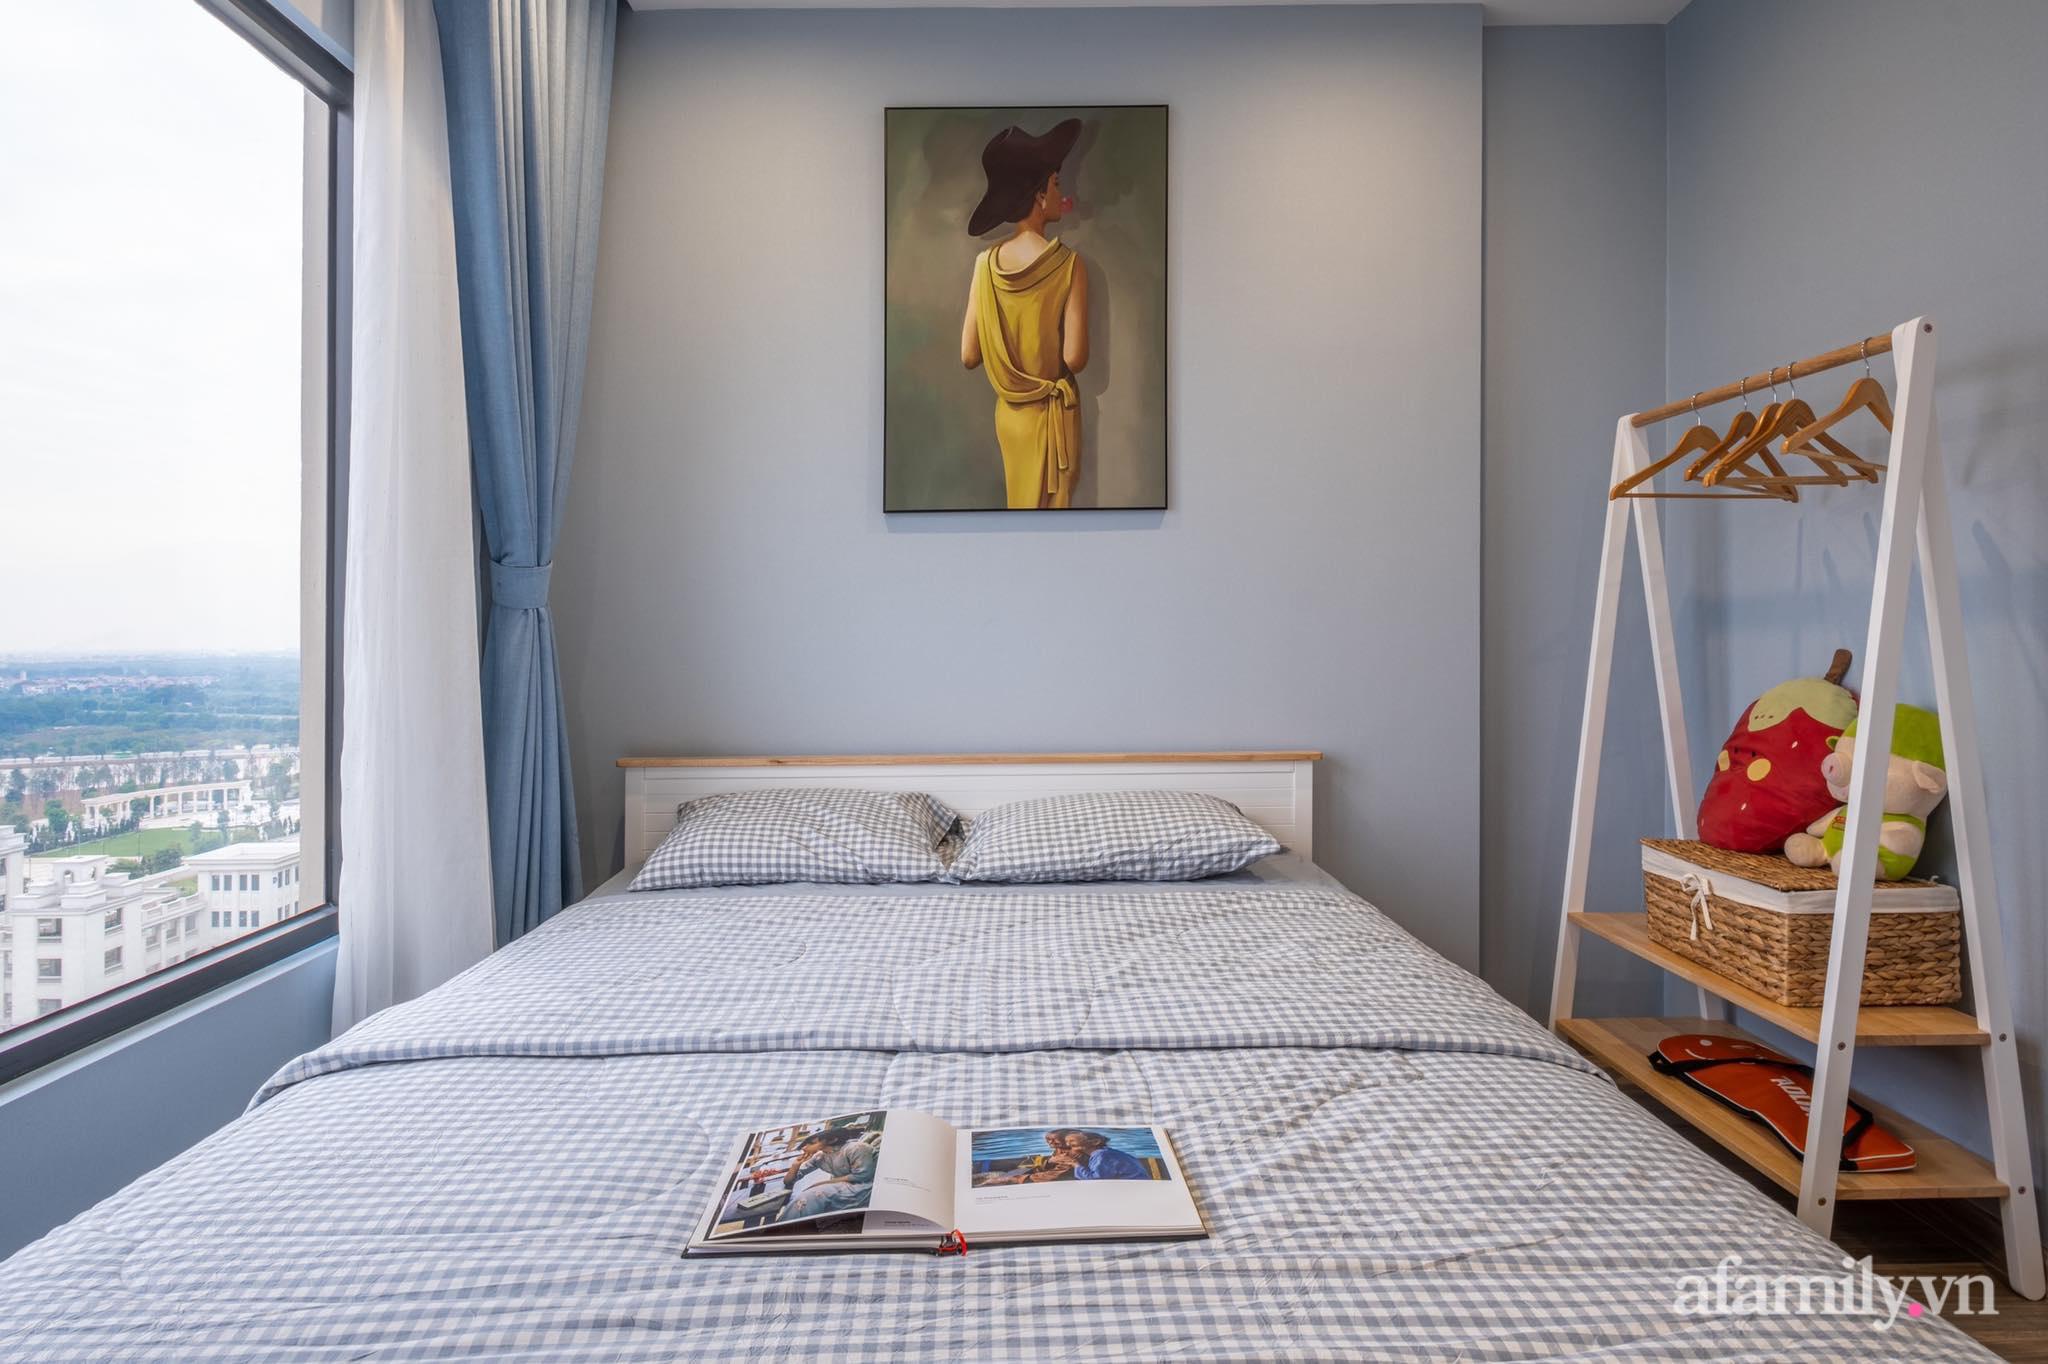 """Căn hộ ngoại ô 64m² có góc view """"siêu đỉnh"""" được decor bằng cả tâm huyết của người phụ nữ Hà Nội - Ảnh 8."""